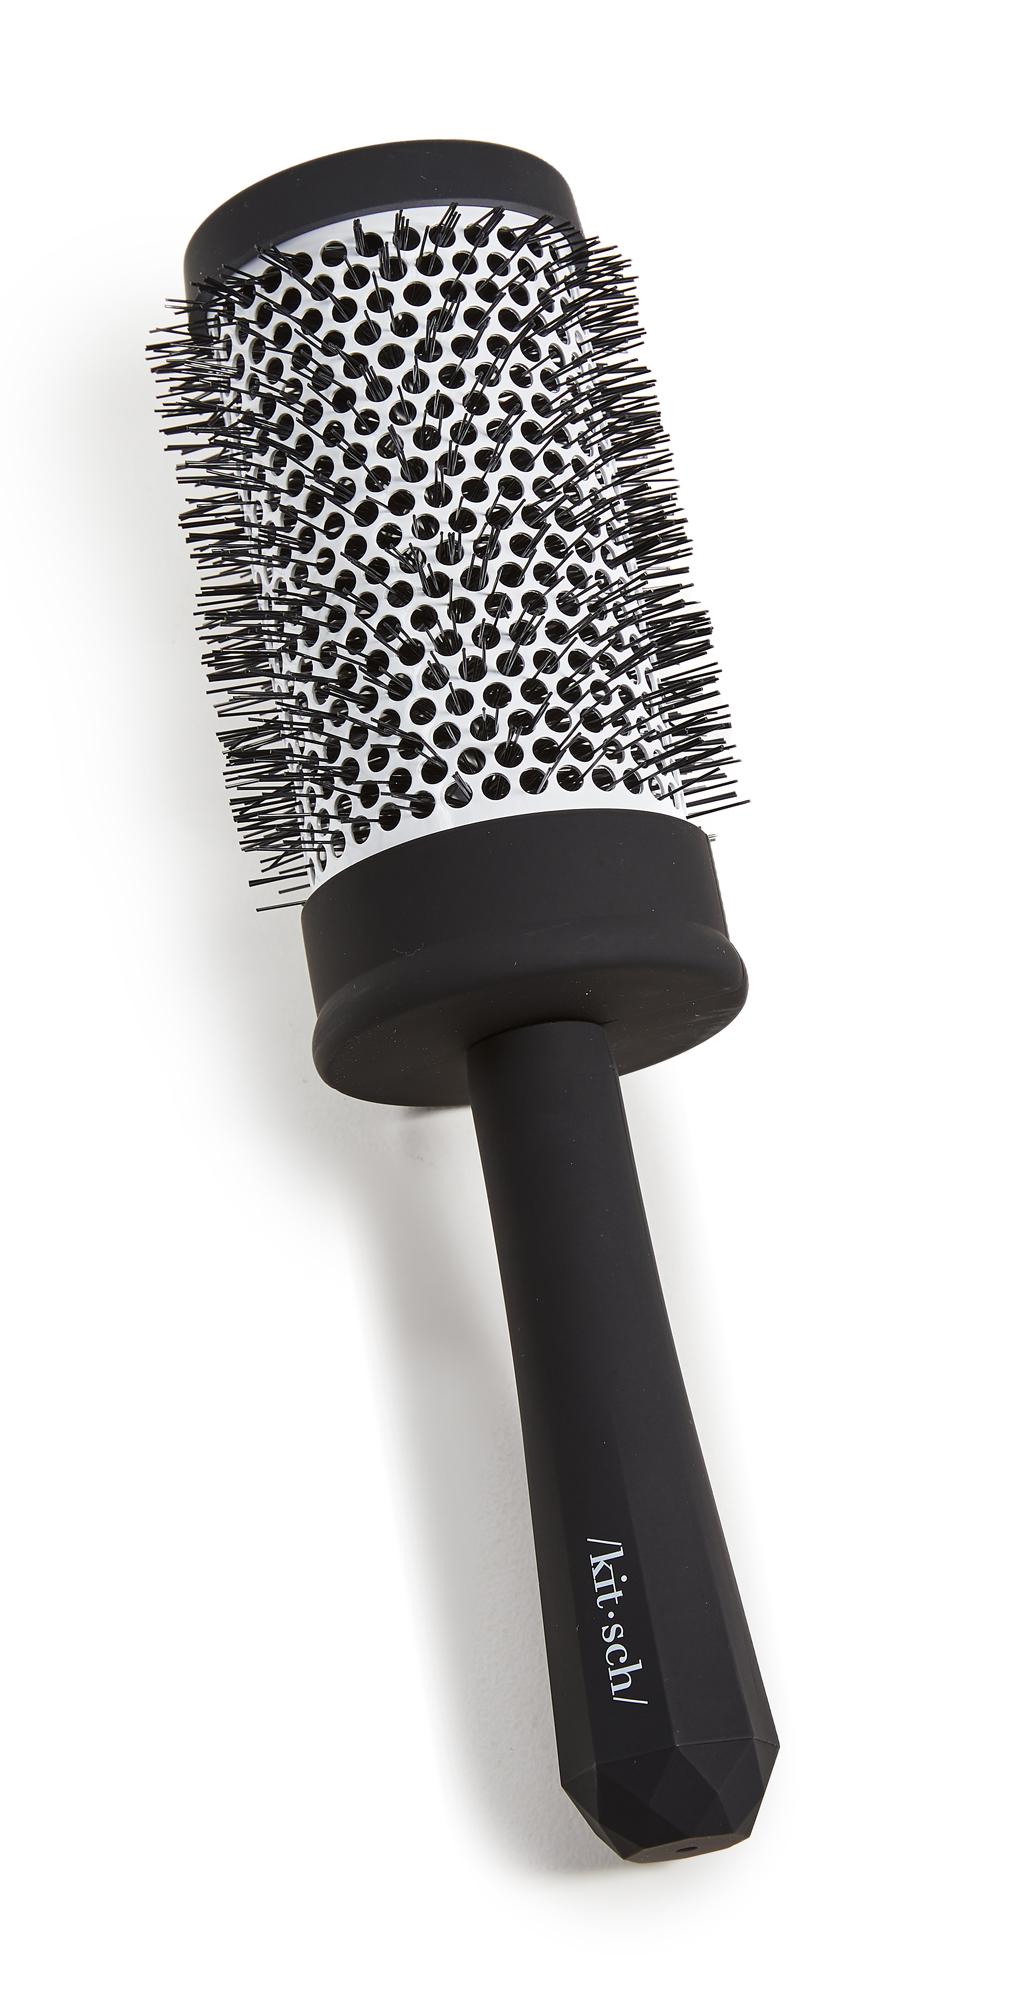 Volumizing Round Blow Dry Brush